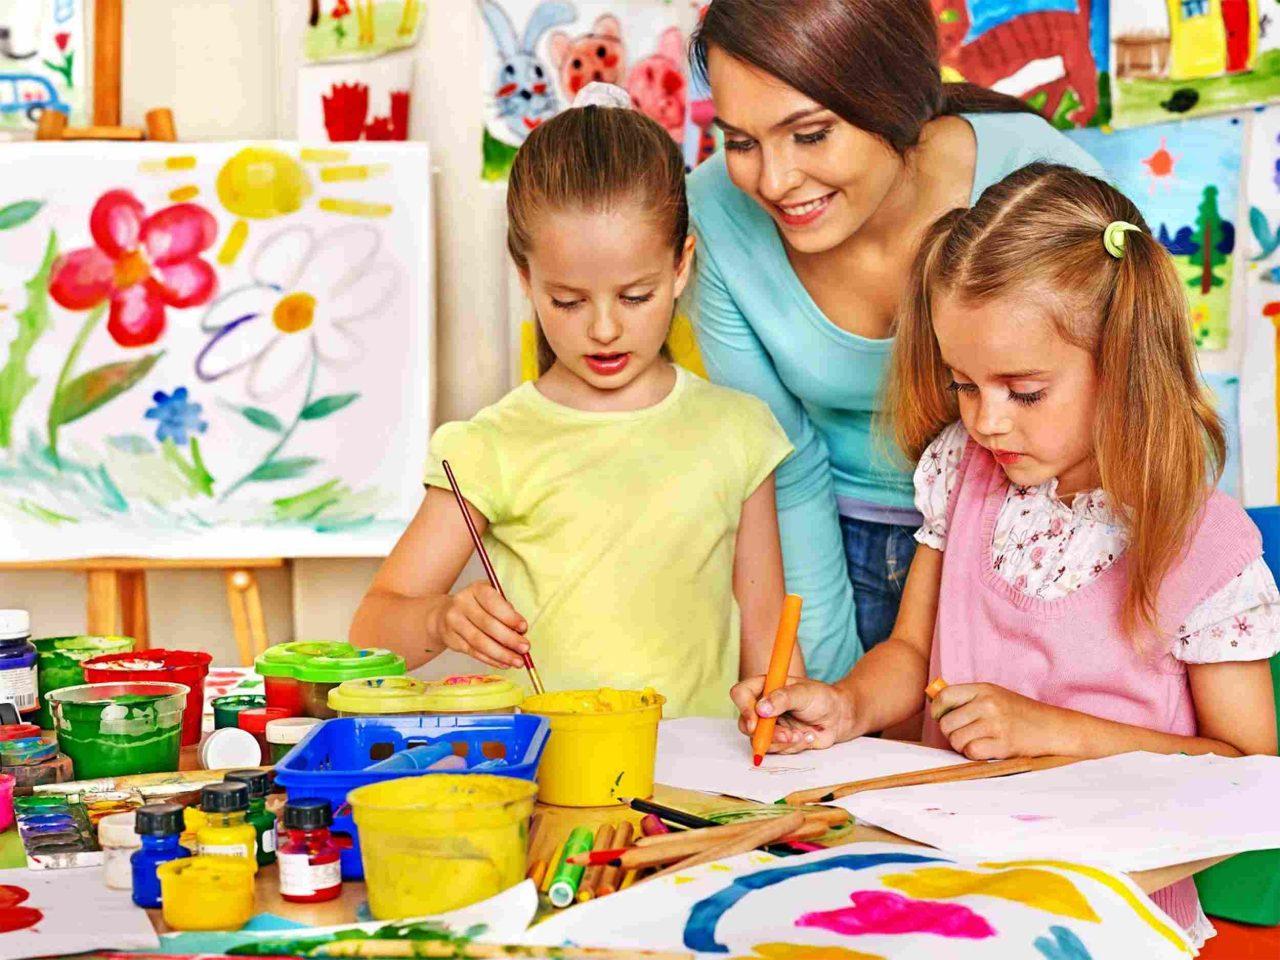 kindergarden 04 1280x960jpg - Kinder Garden